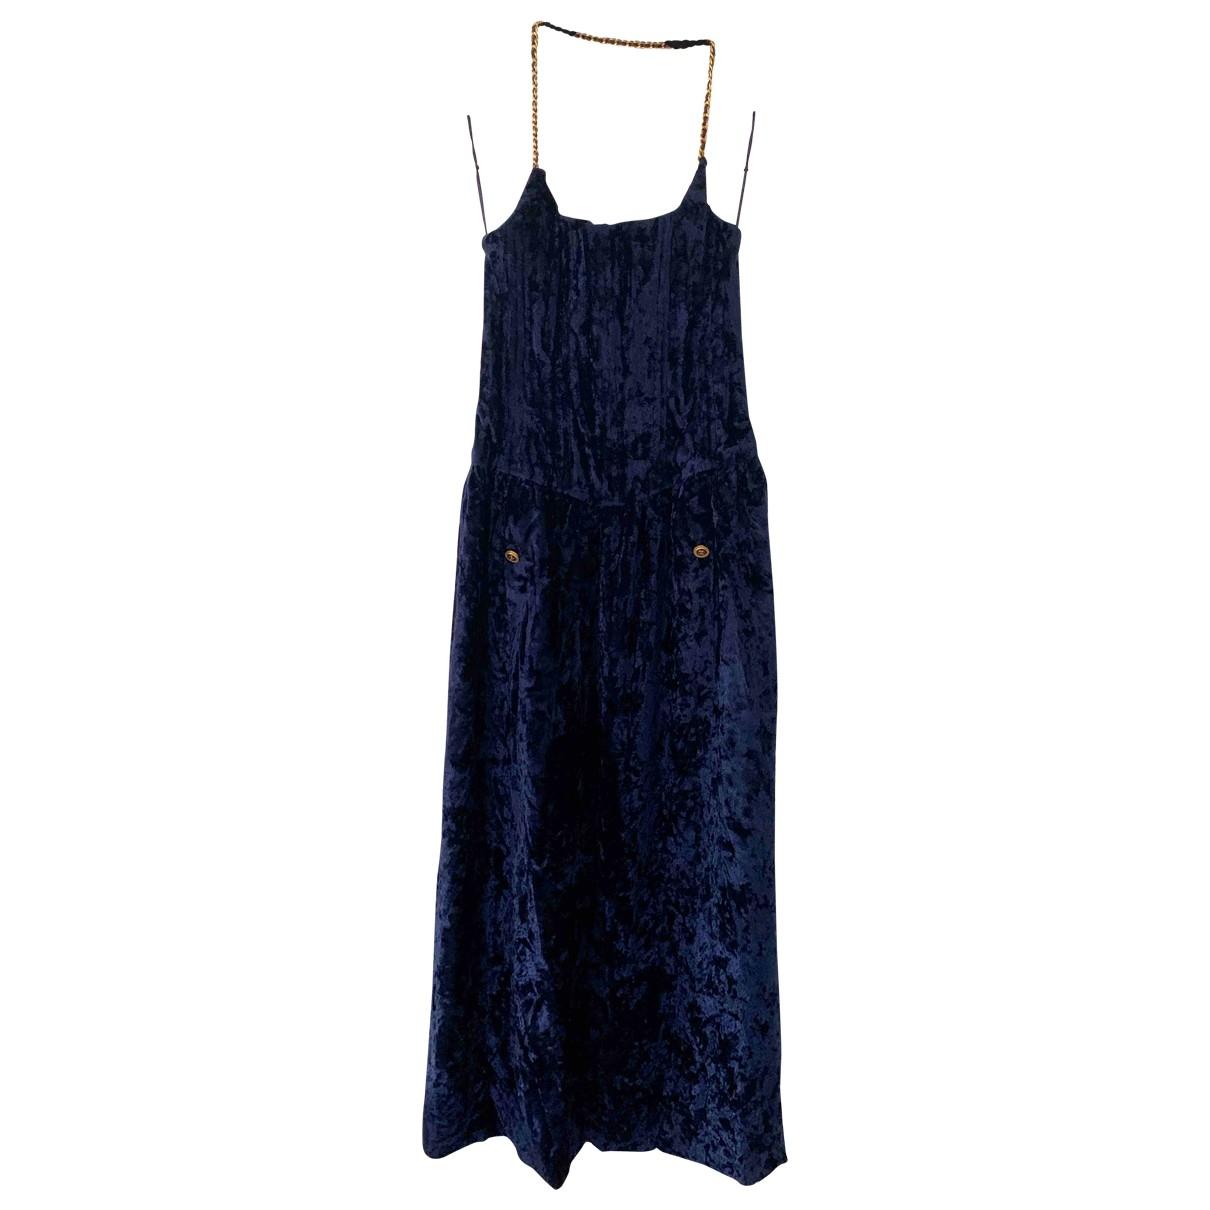 Chanel \N Kleid in  Blau Samt